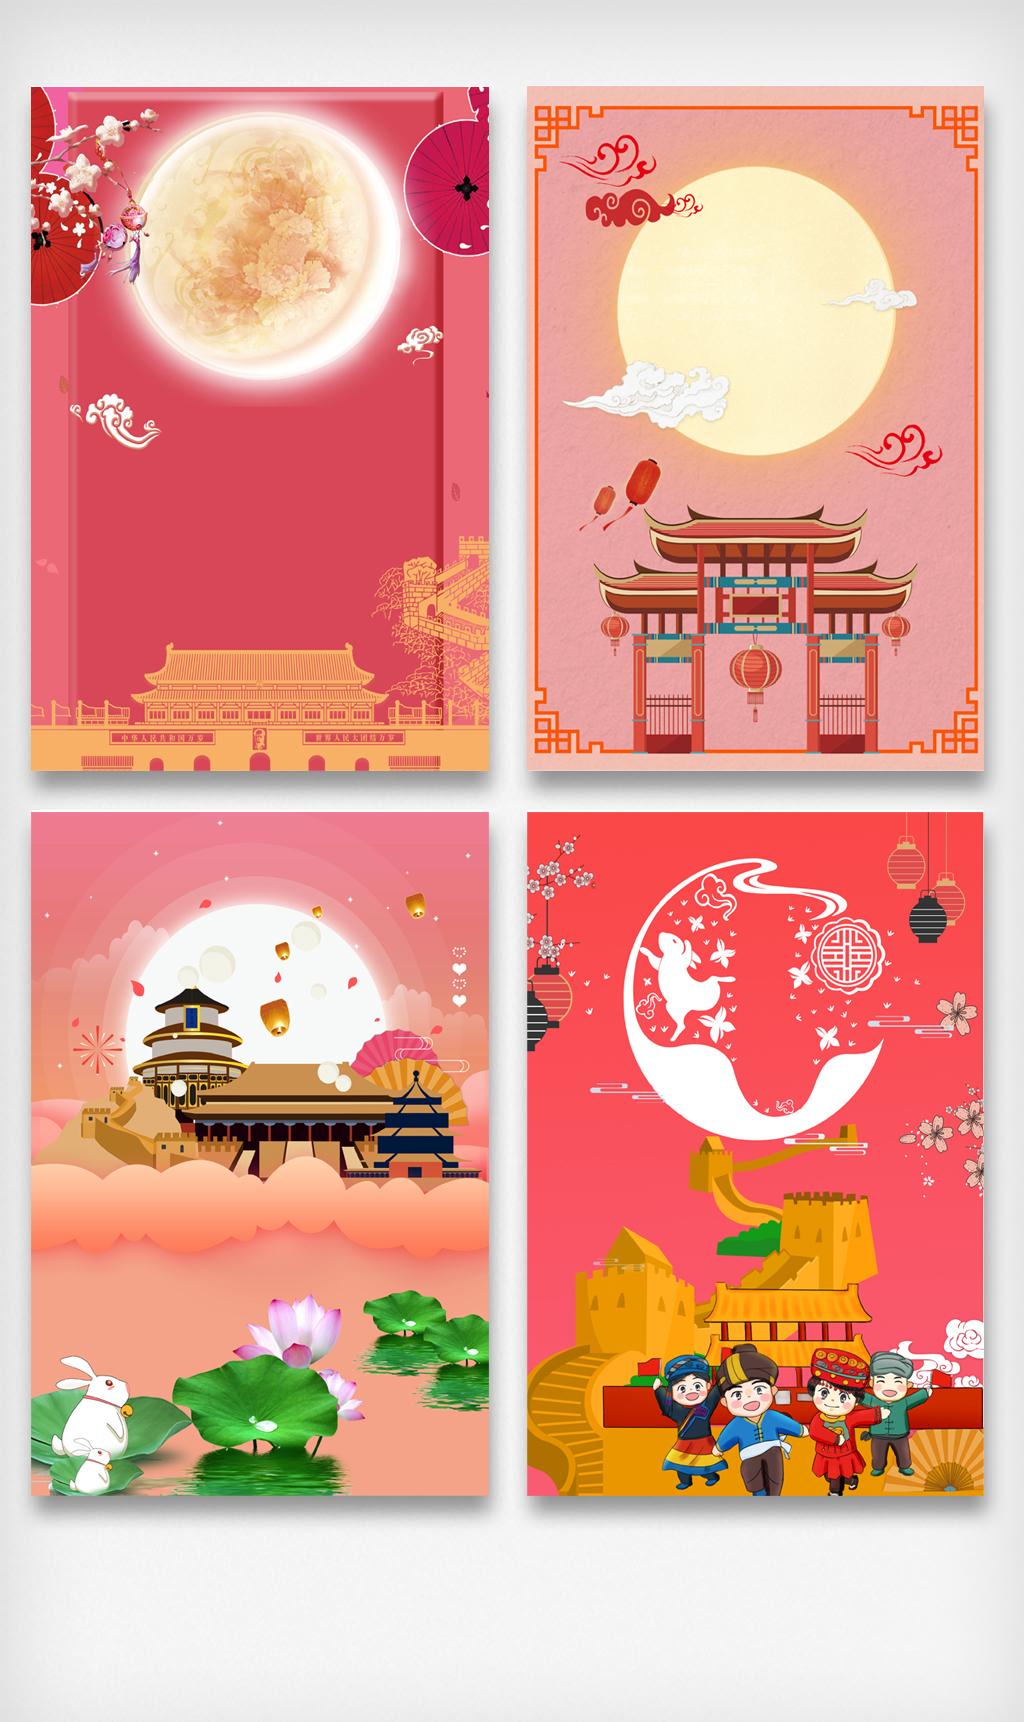 手绘中秋国庆海报背景元素